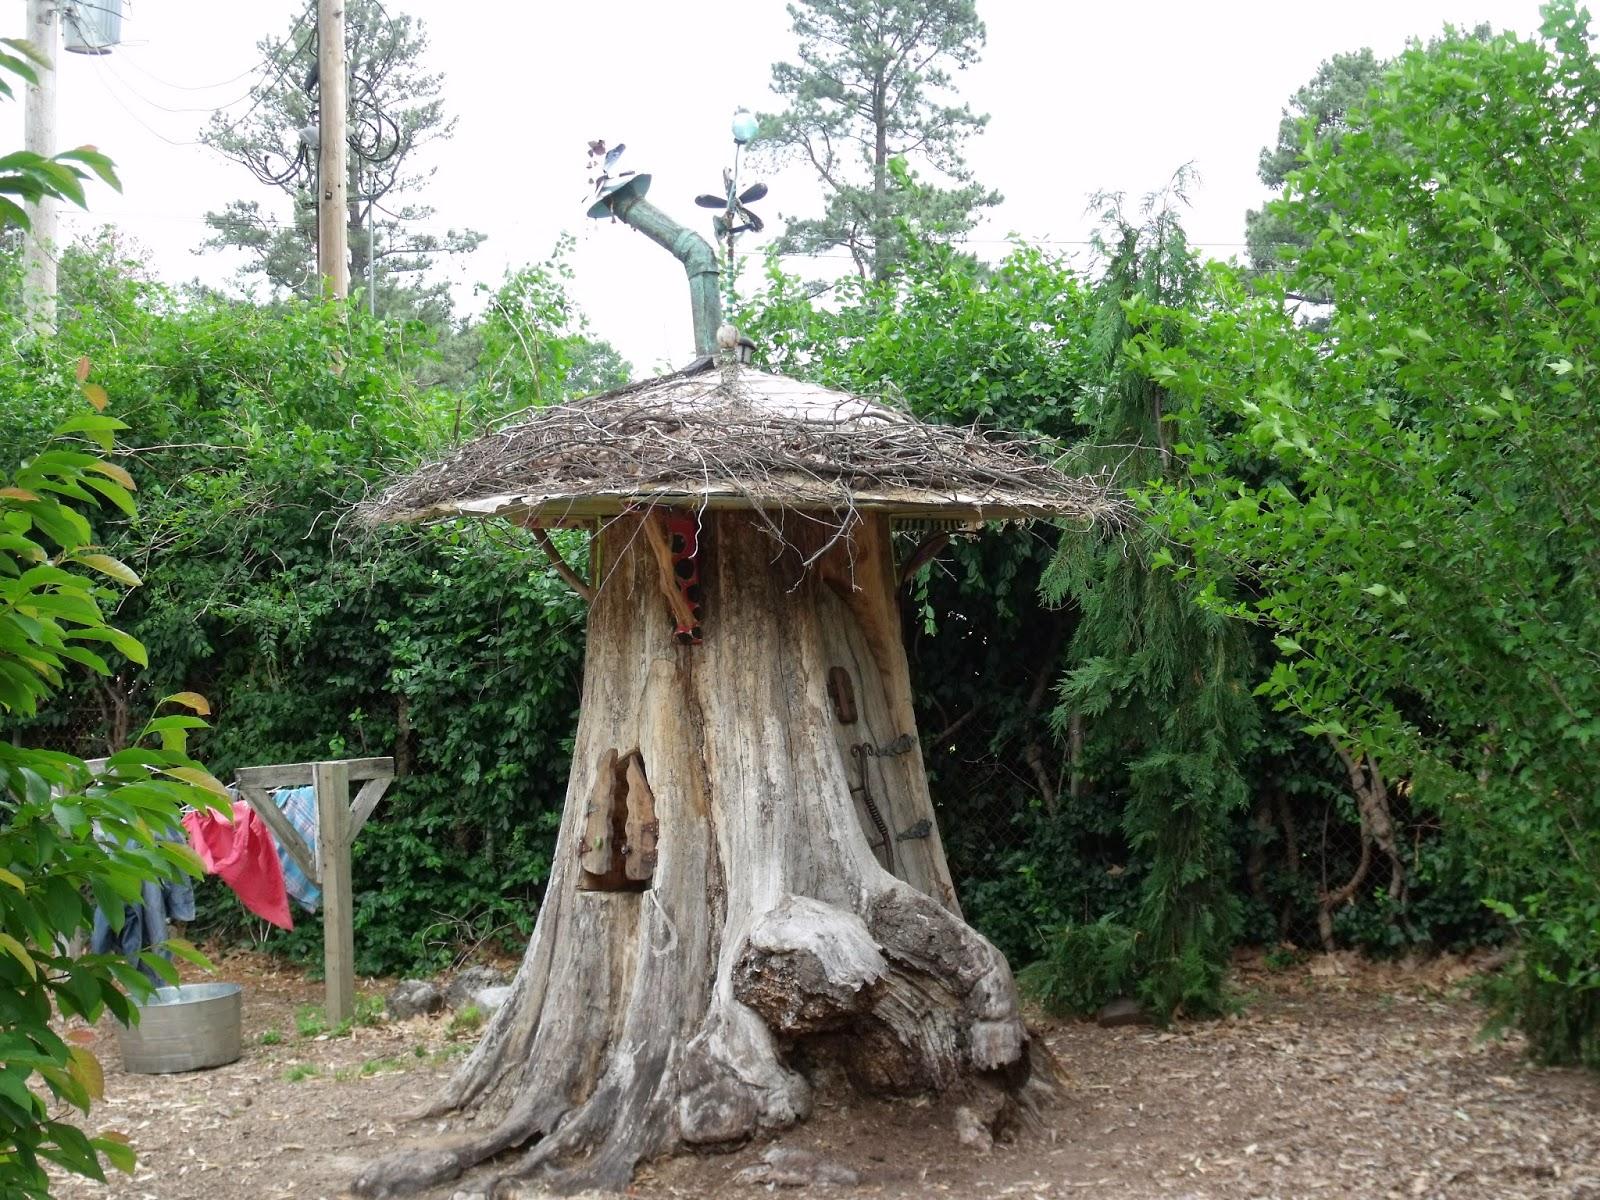 Cool tree house in children 39 s garden for Garden trees memphis